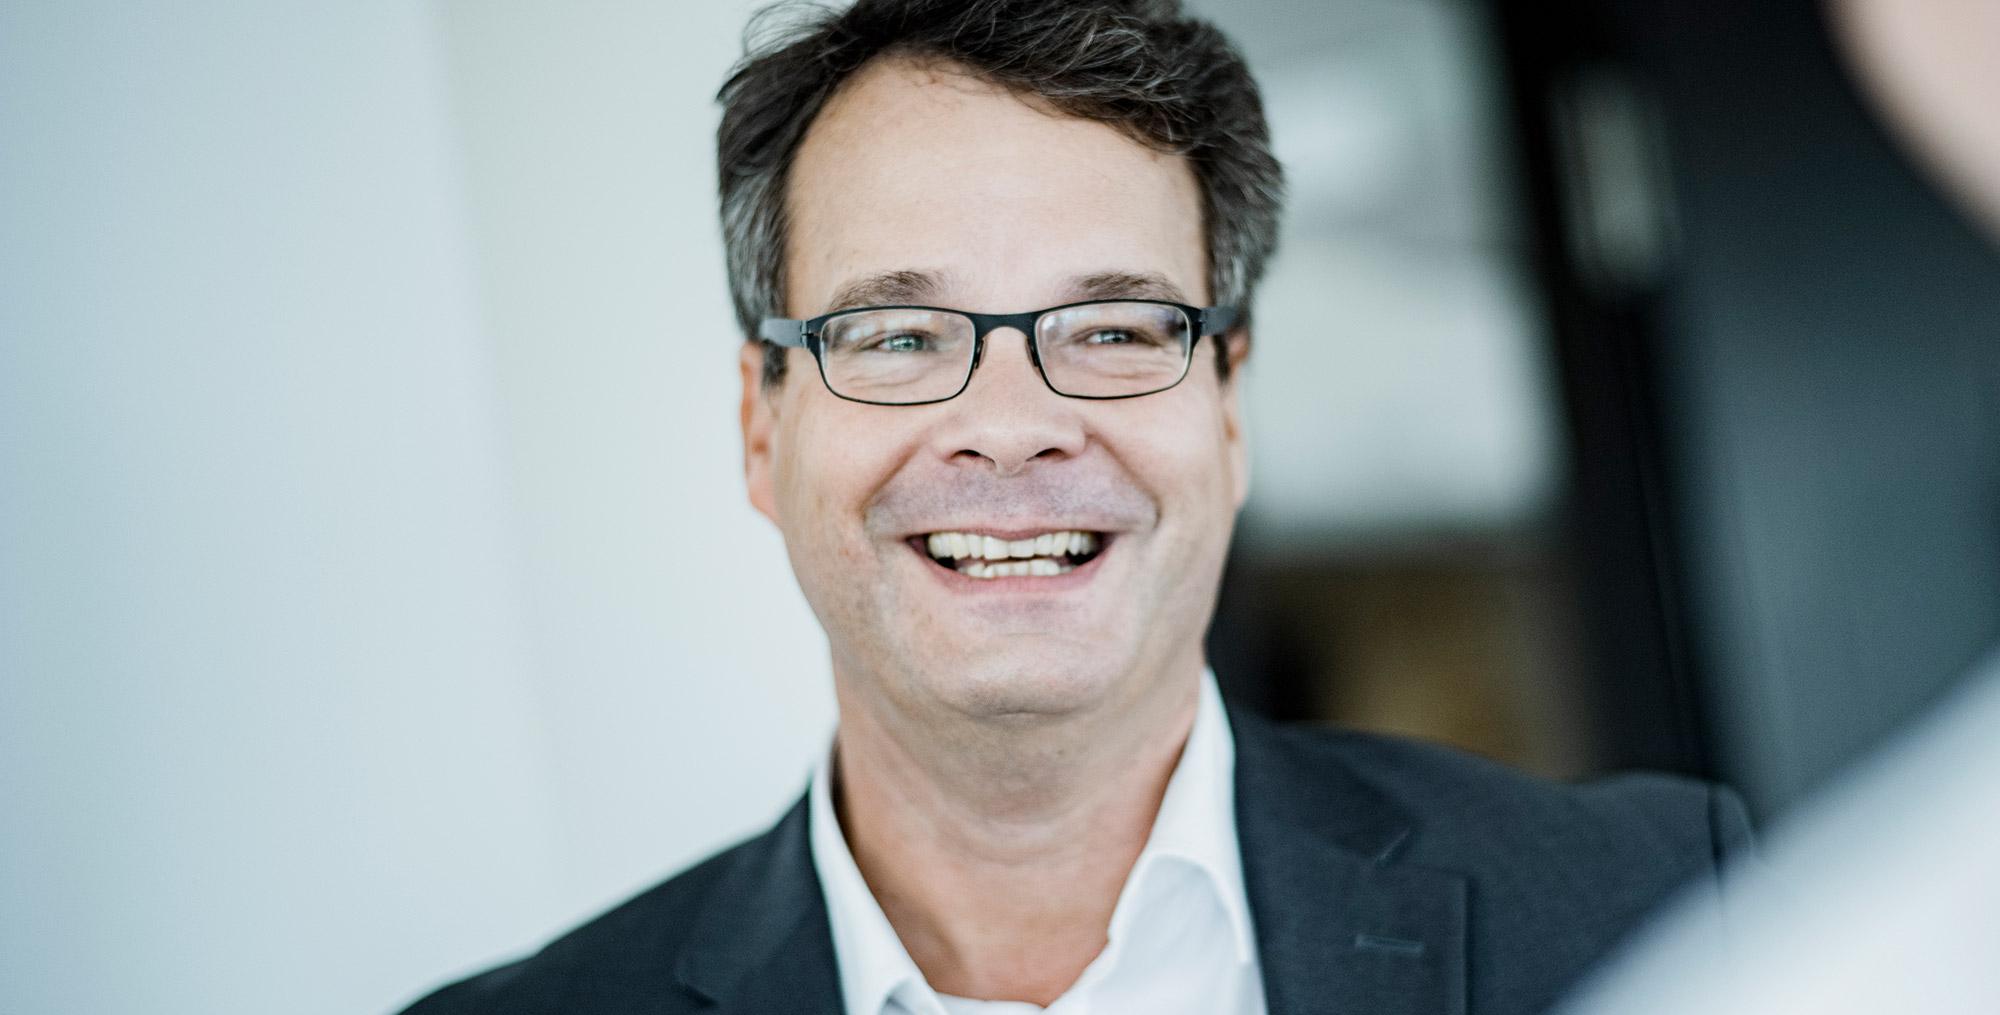 Dr. Ulrich Böttger von der Rechtsanwaltskanzlei BÖRGERS, Fachanwälte für Baurecht, Architektenrecht, Immobilienrecht, Vergaberecht, Grundstücksrecht und Mietrecht - Berlin, Hamburg, Stuttgart